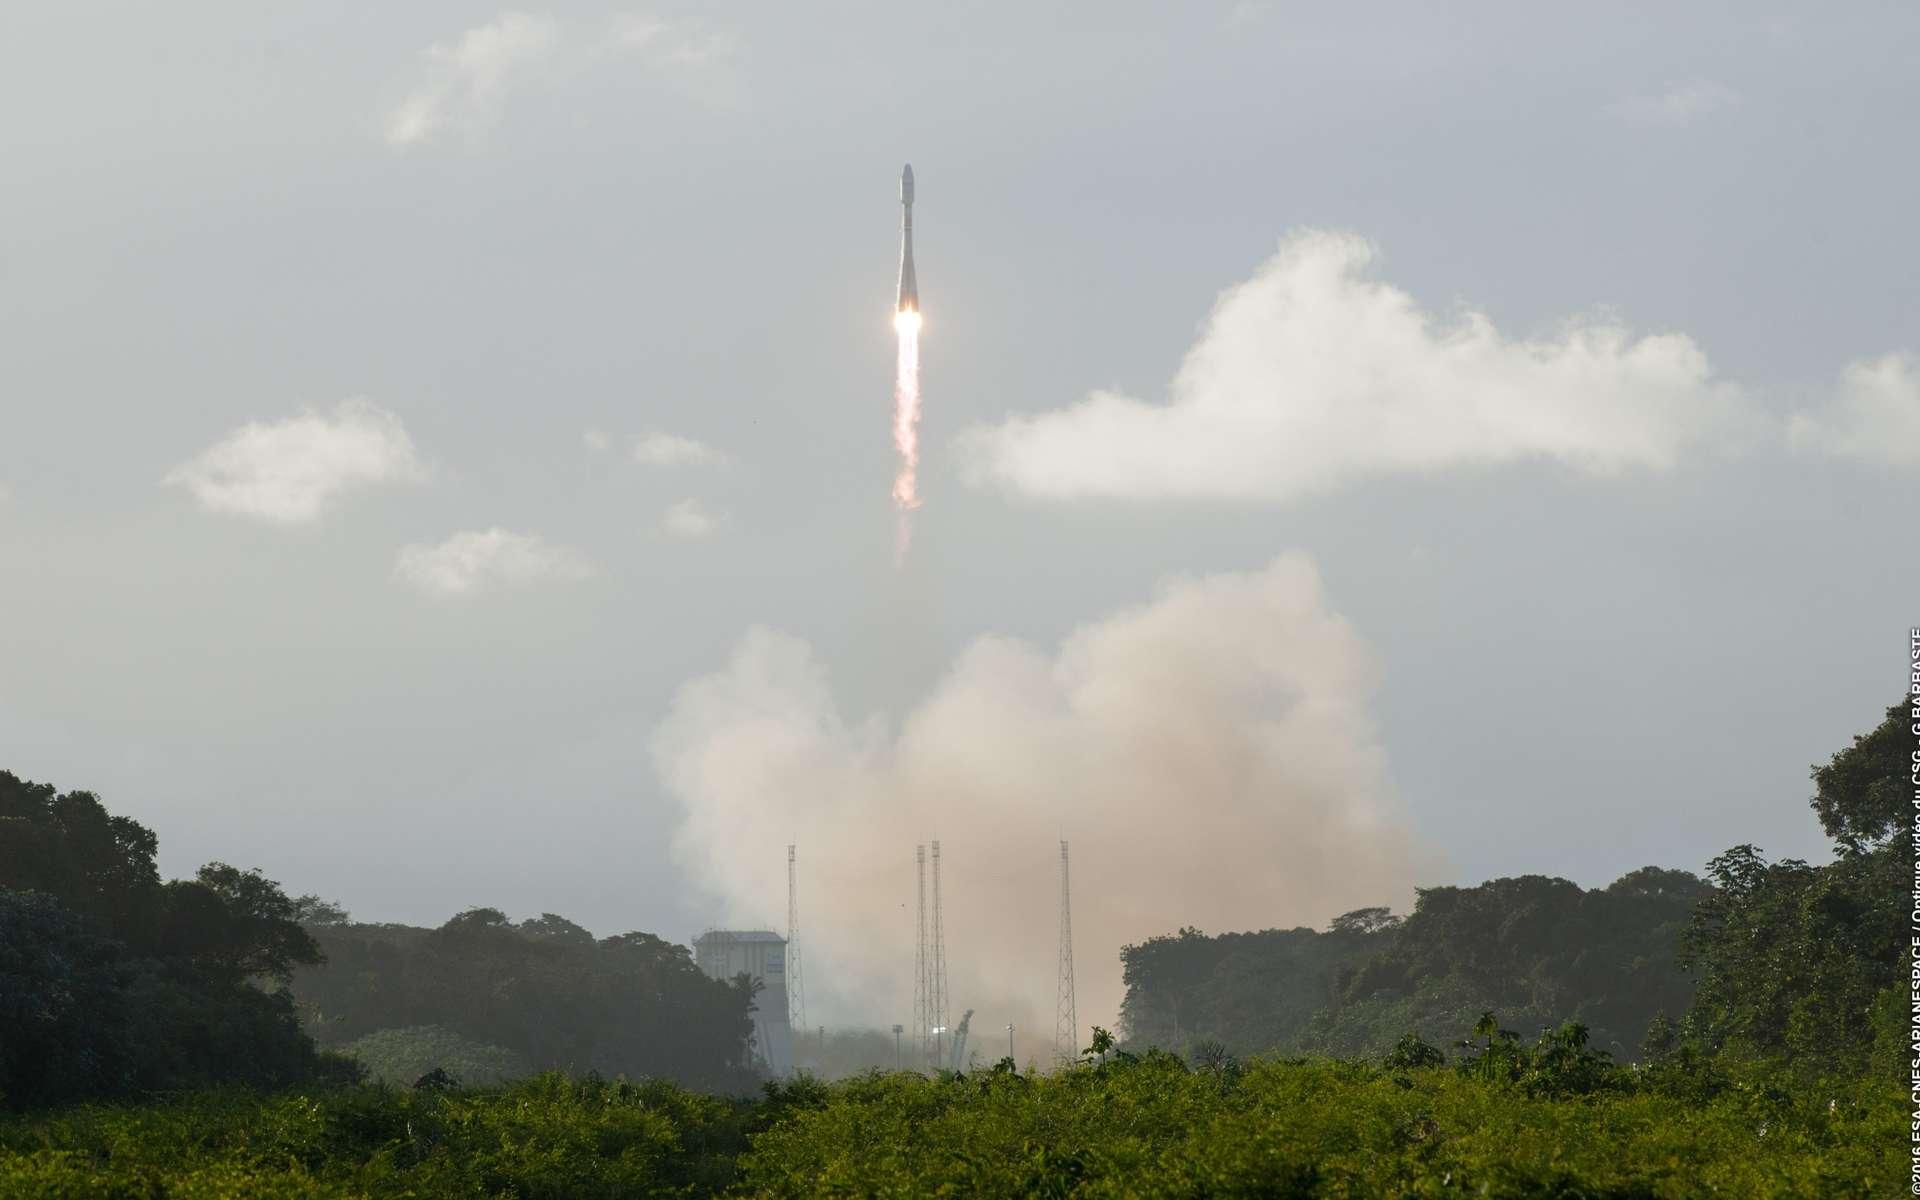 Pour son quatorzième décollage depuis le Centre spatial guyanais de Kourou, le lanceur russe Soyouz a emporté une charge de plus de trois tonnes, dont 2.164 kg pour le satellite Sentinel-1B, 303 kg pour Microscope et trois petits kilogrammes pour les CubeSats OUFTI 1, e-st@r-II et AAUSAT 4 du programme Fly Your Satellite ! © 2016, Esa, Cnes, Arianespace, Optique vidéo du CSG, G. Barbaste